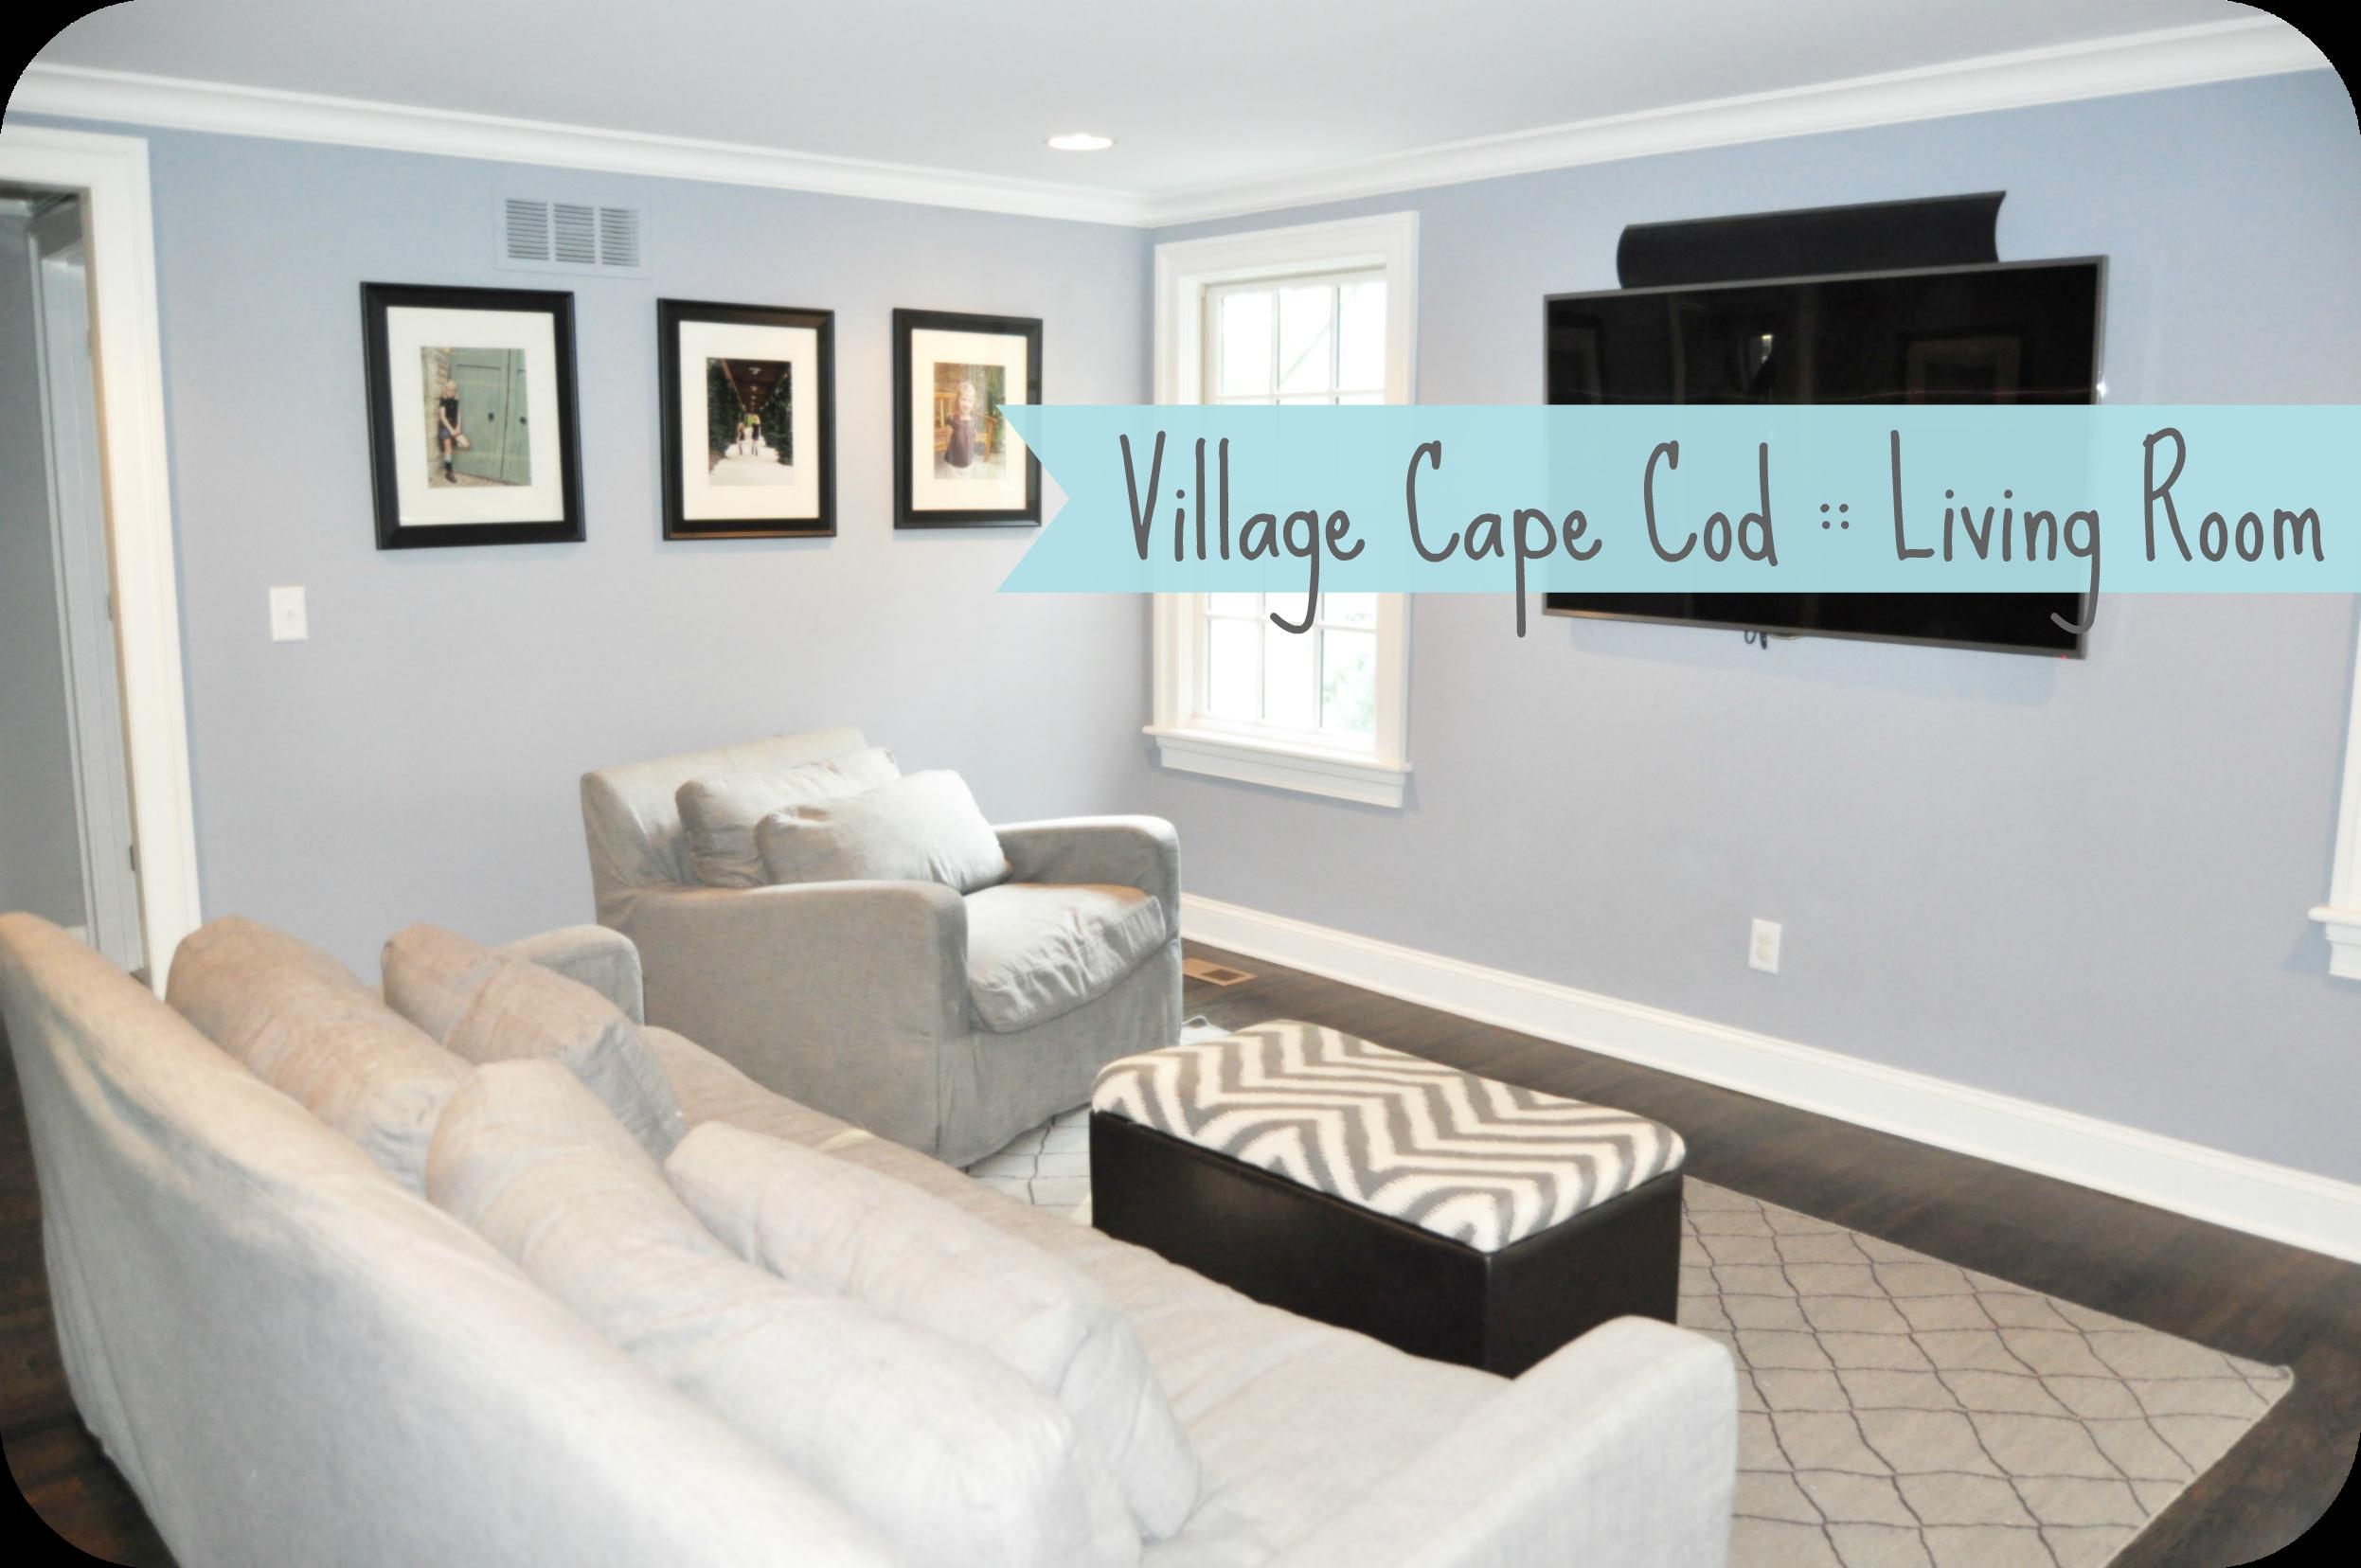 Living Room :: 2014 | Village Cape CodVillage Cape Cod